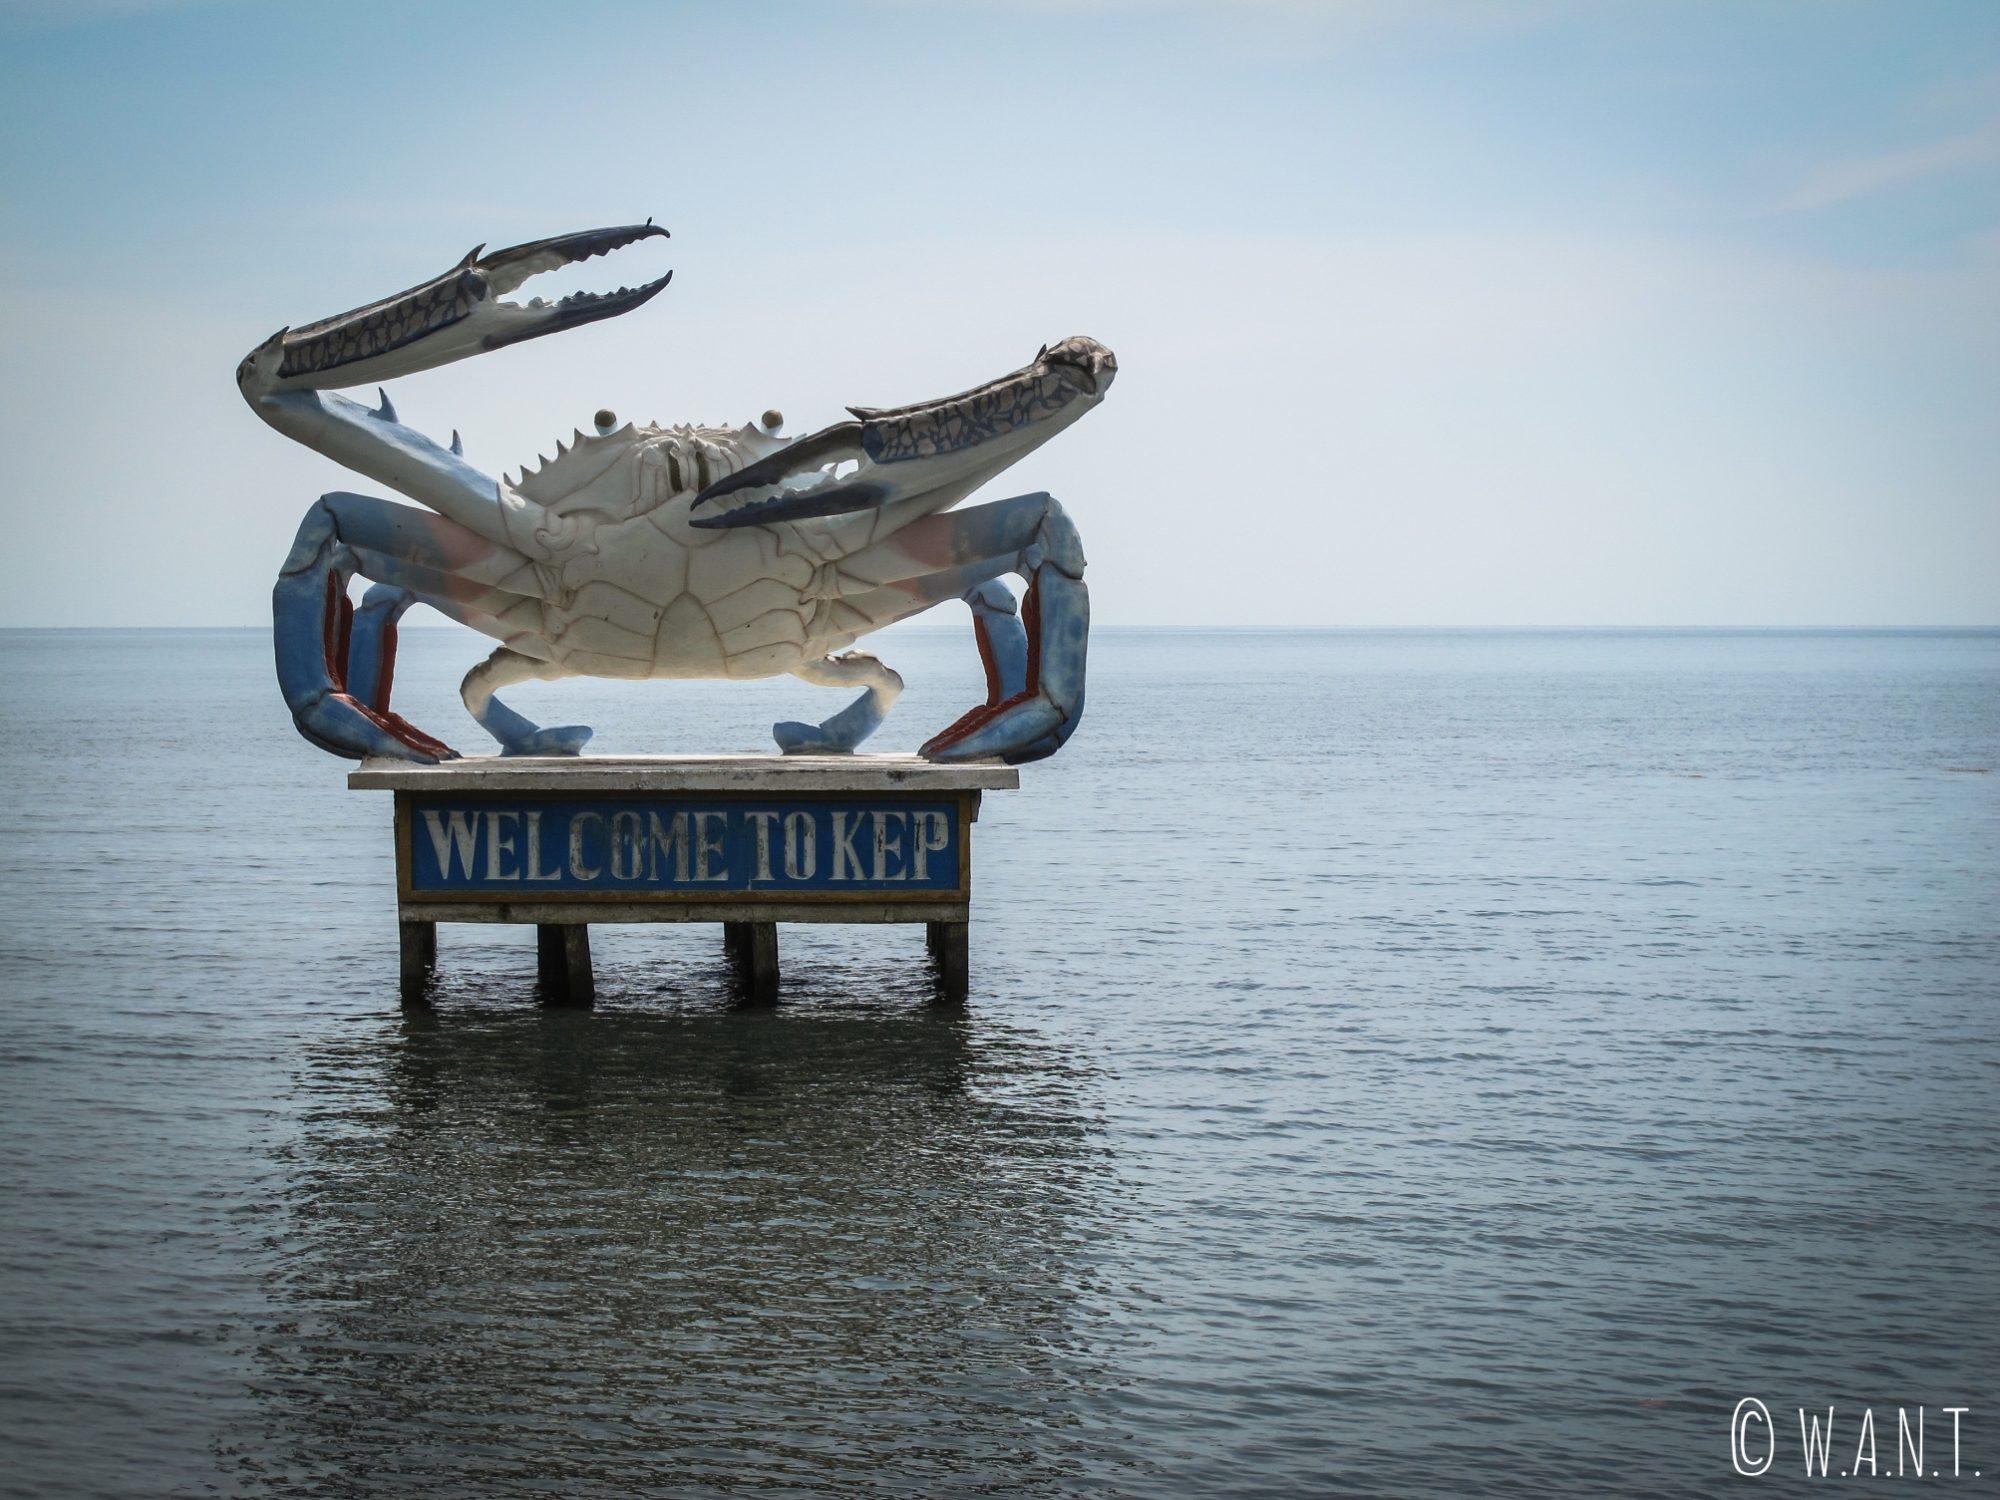 Cette statue de crabe géant posée au milieu de la mer est l'emblème de la ville de Kep